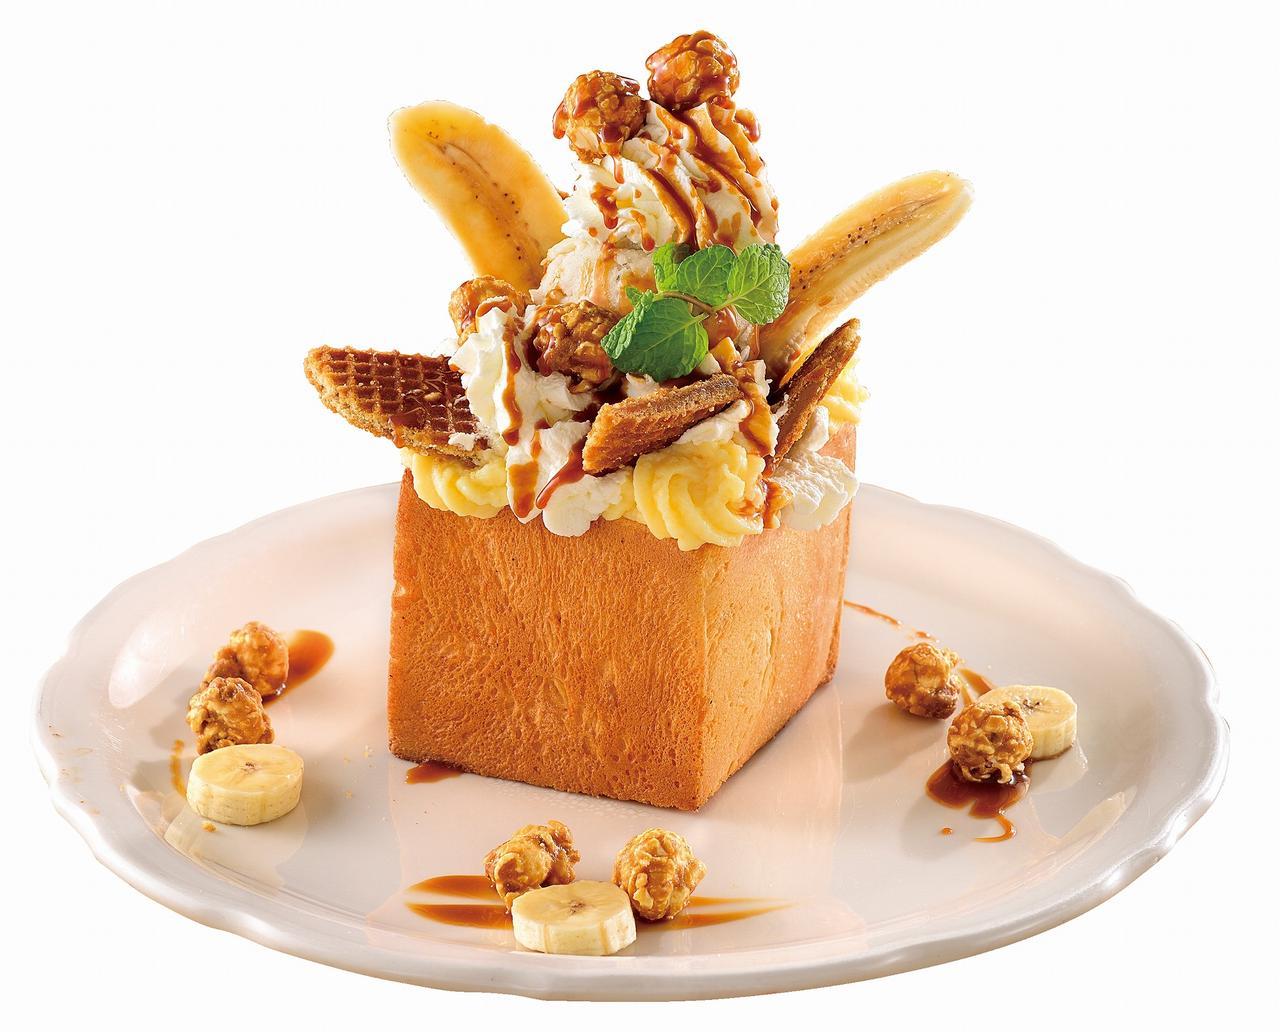 画像: 香ばしいキャラメルと甘いバナナがベストマッチ!『キャラメルハート』 ¥1380